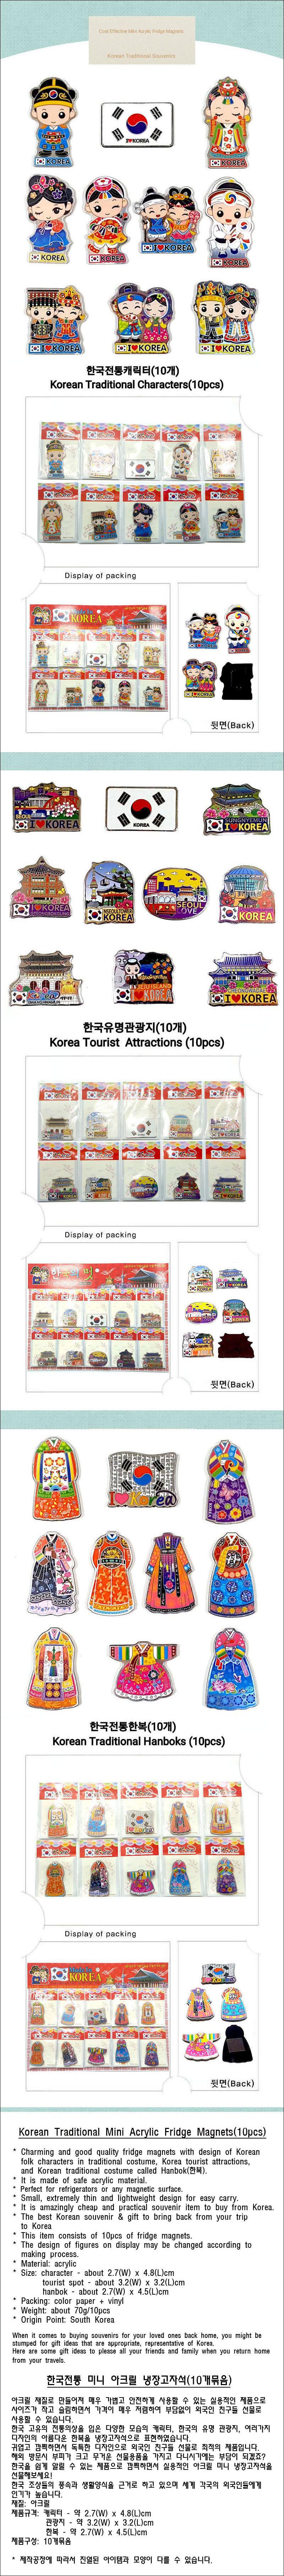 한국기념품 전통캐릭터 유명관광지 민속한복 미니 아크릴 냉장고자석 (10개묶음) - 라베끄, 6,500원, 데스크소품, 마그넷/자석